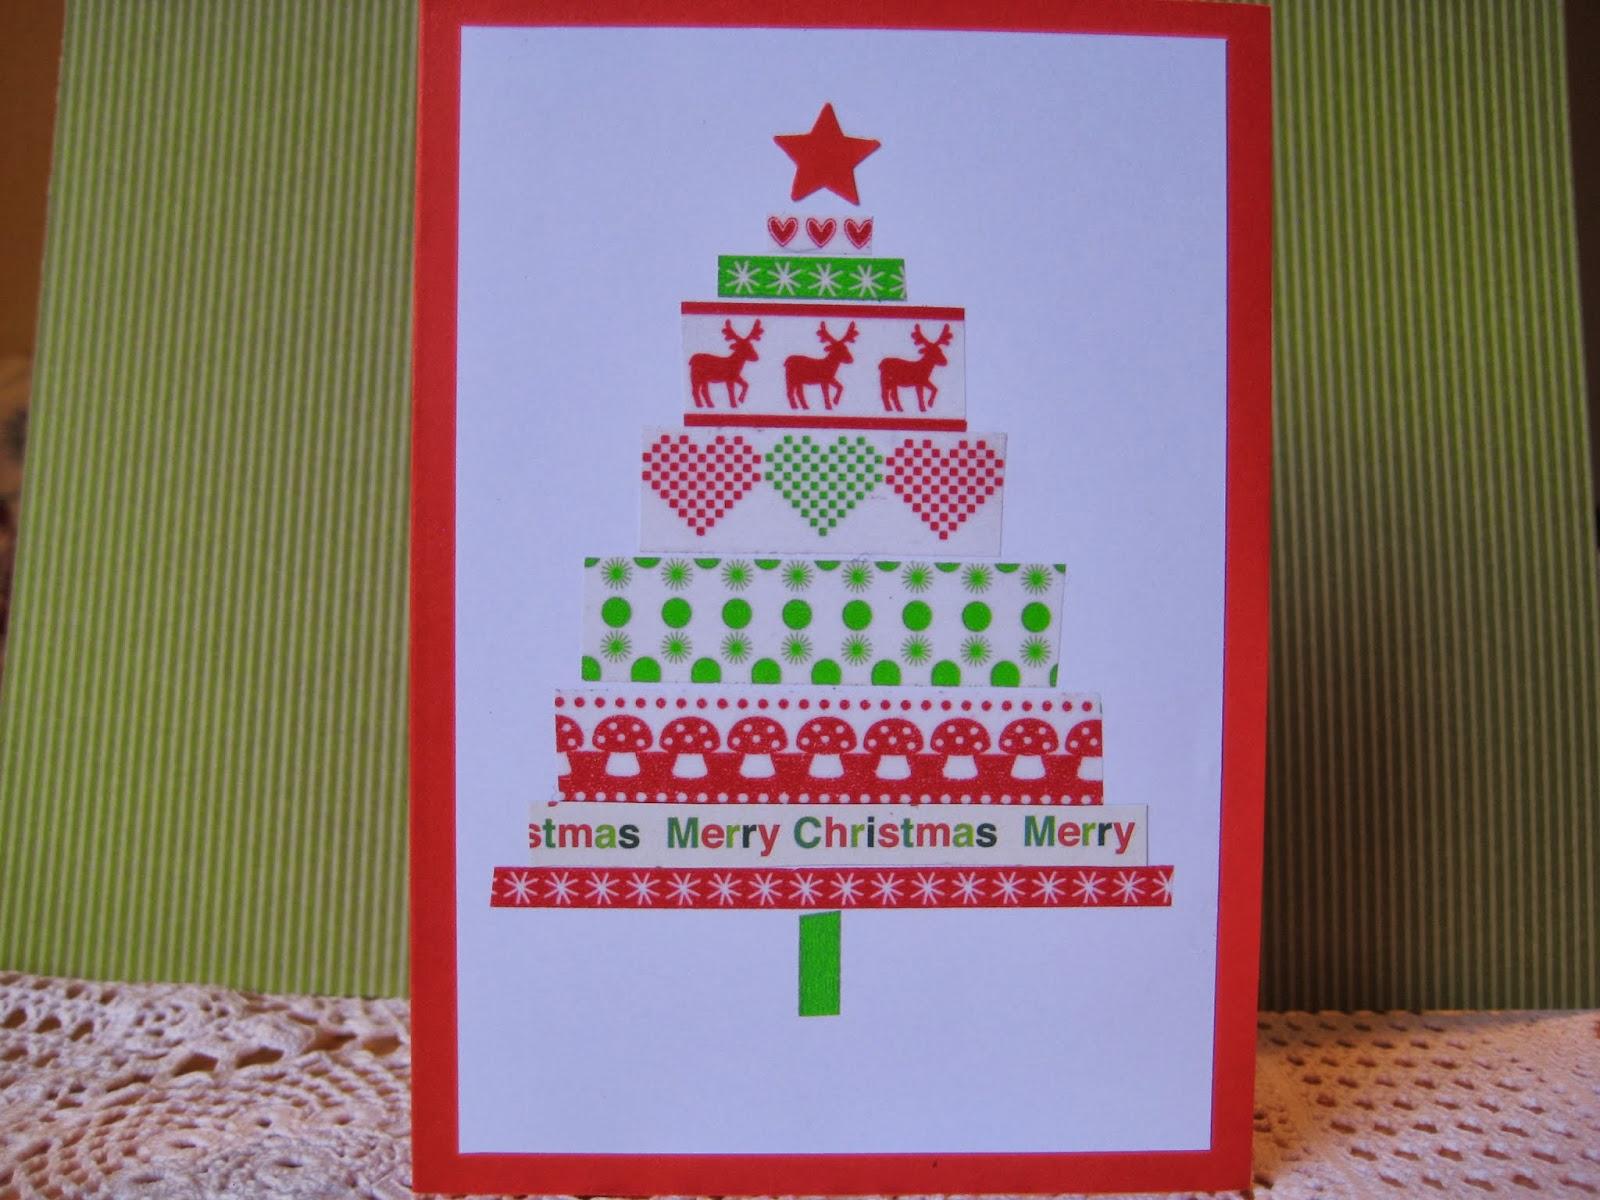 karos kreativkram einfache weihnachtskarten mit washi tape. Black Bedroom Furniture Sets. Home Design Ideas